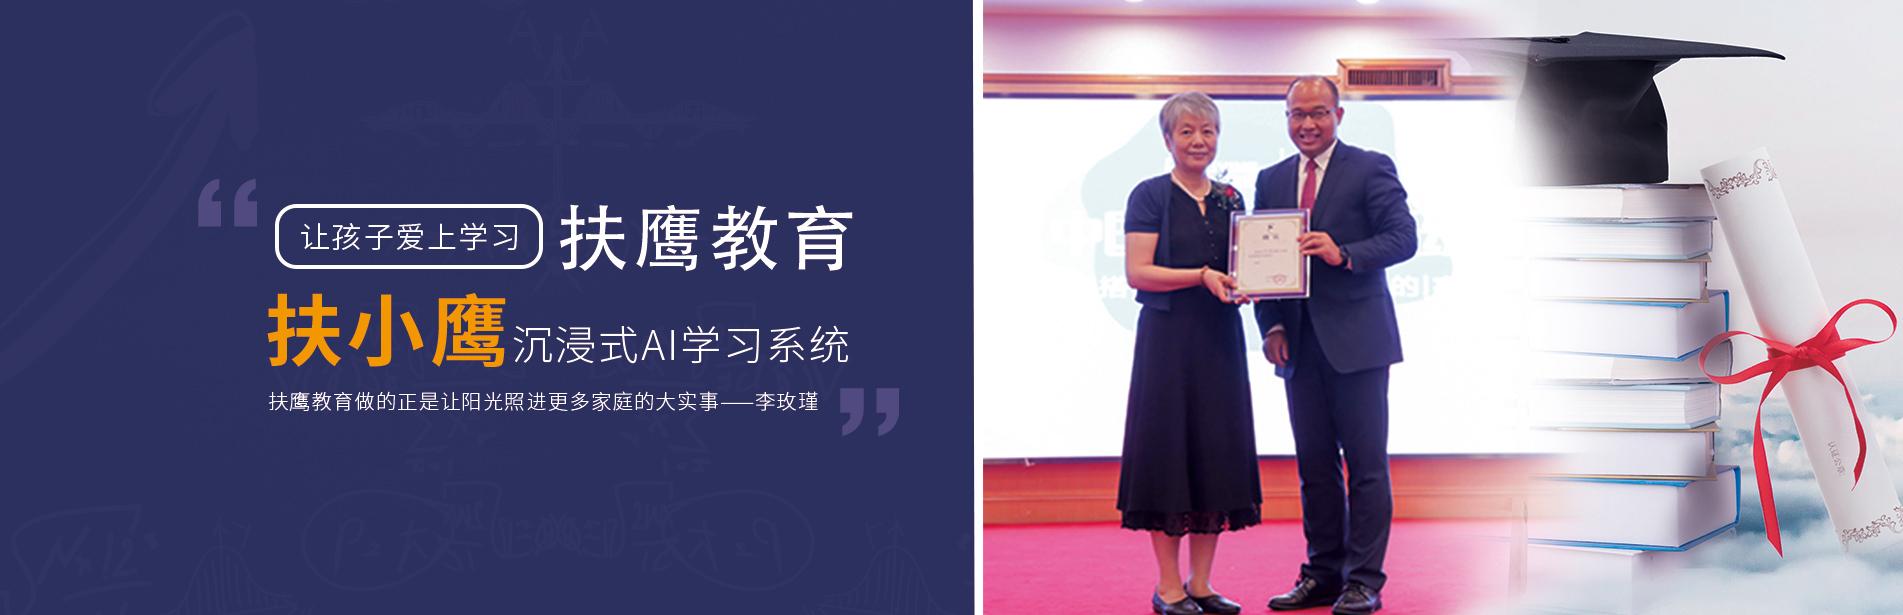 杭州扶鹰教育科技有限公司